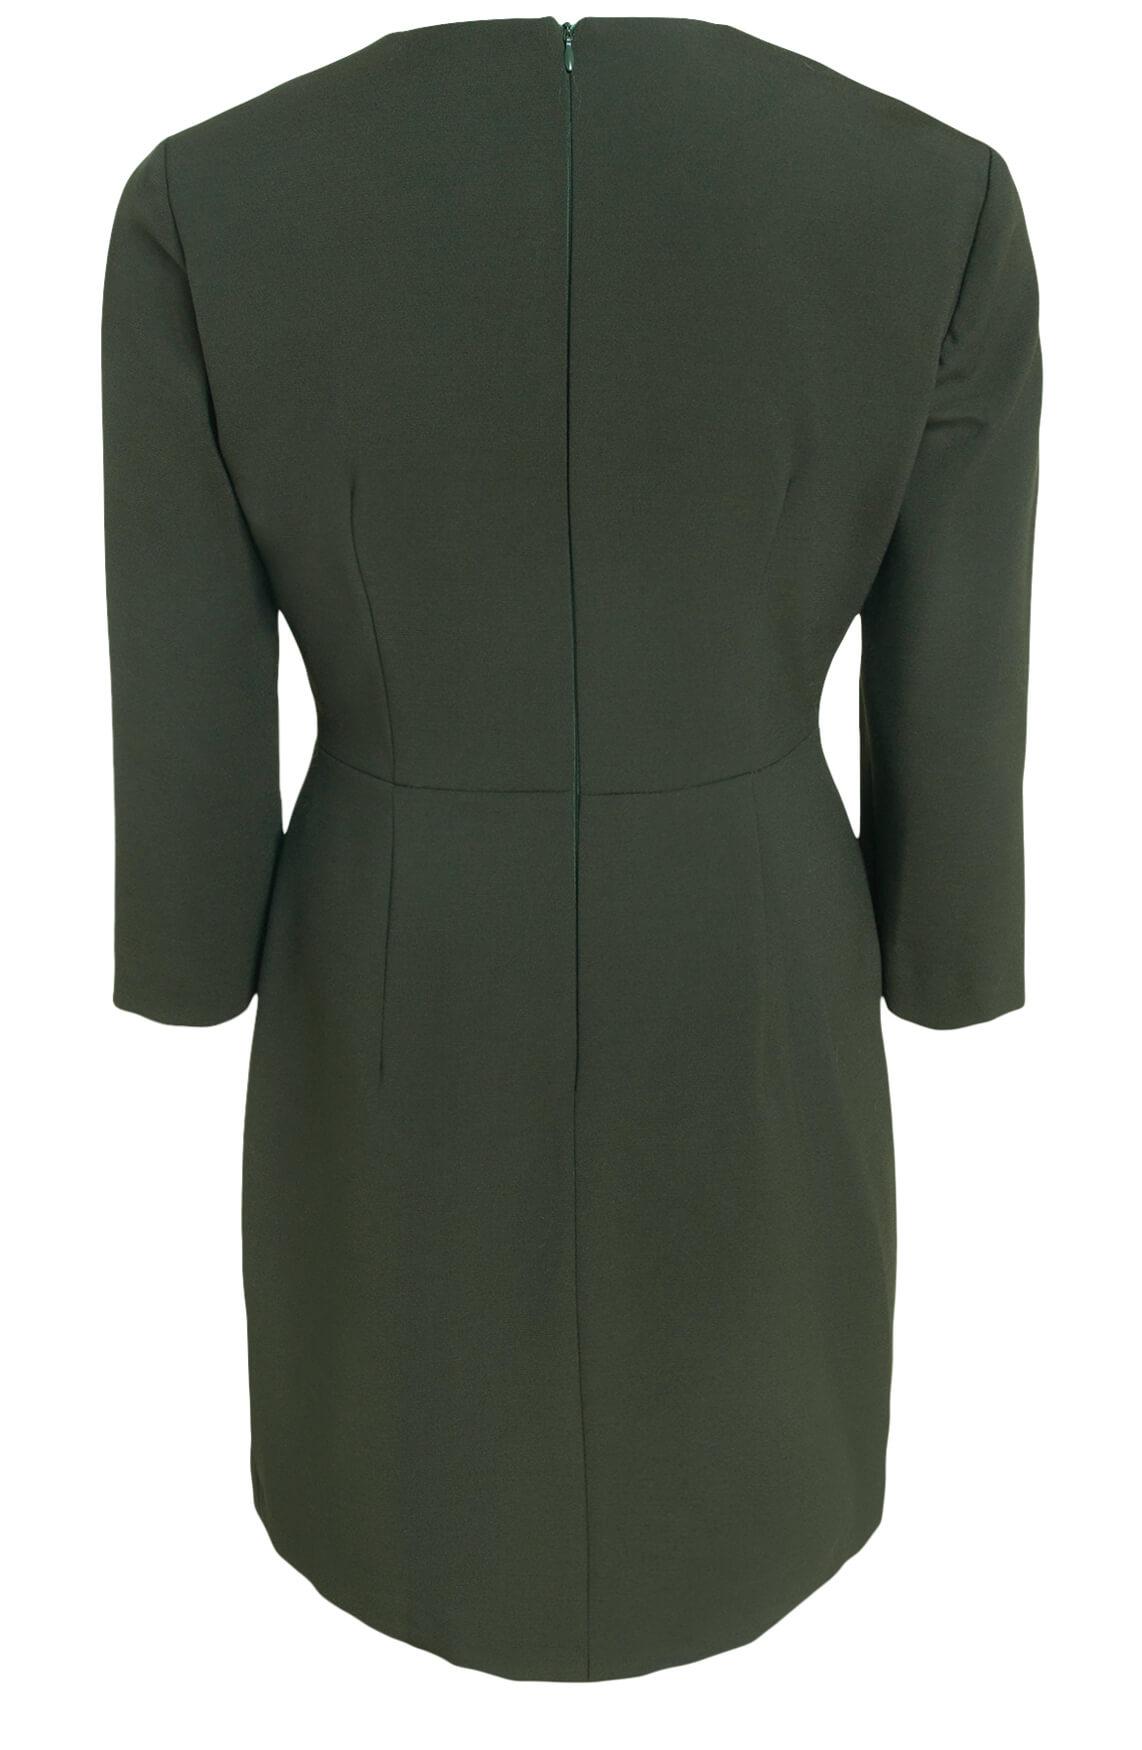 Kocca Dames Raquin jurk groen